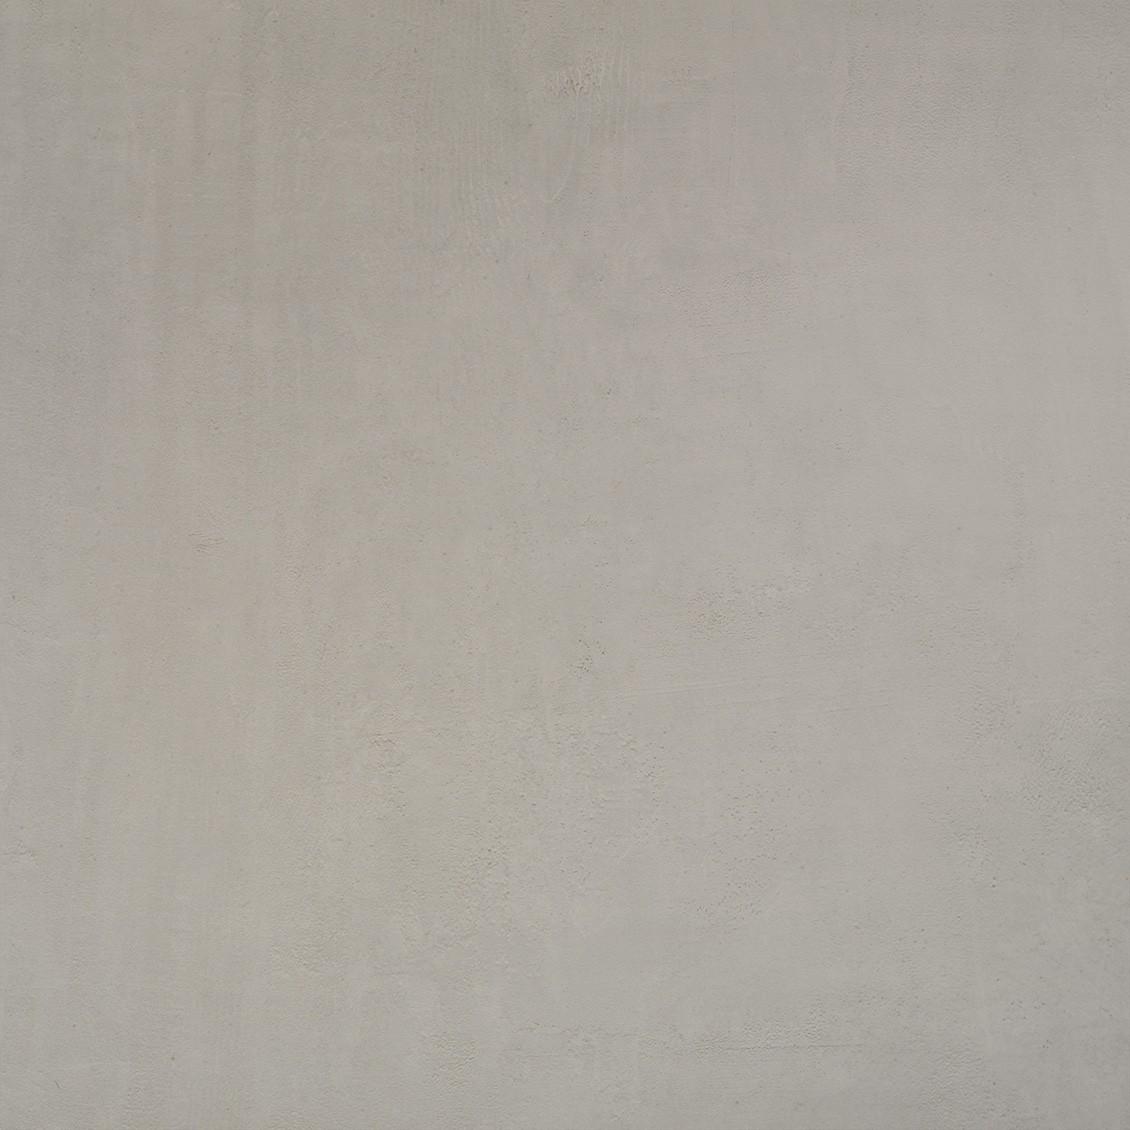 Zement Gris lappato 75x75 rectifié